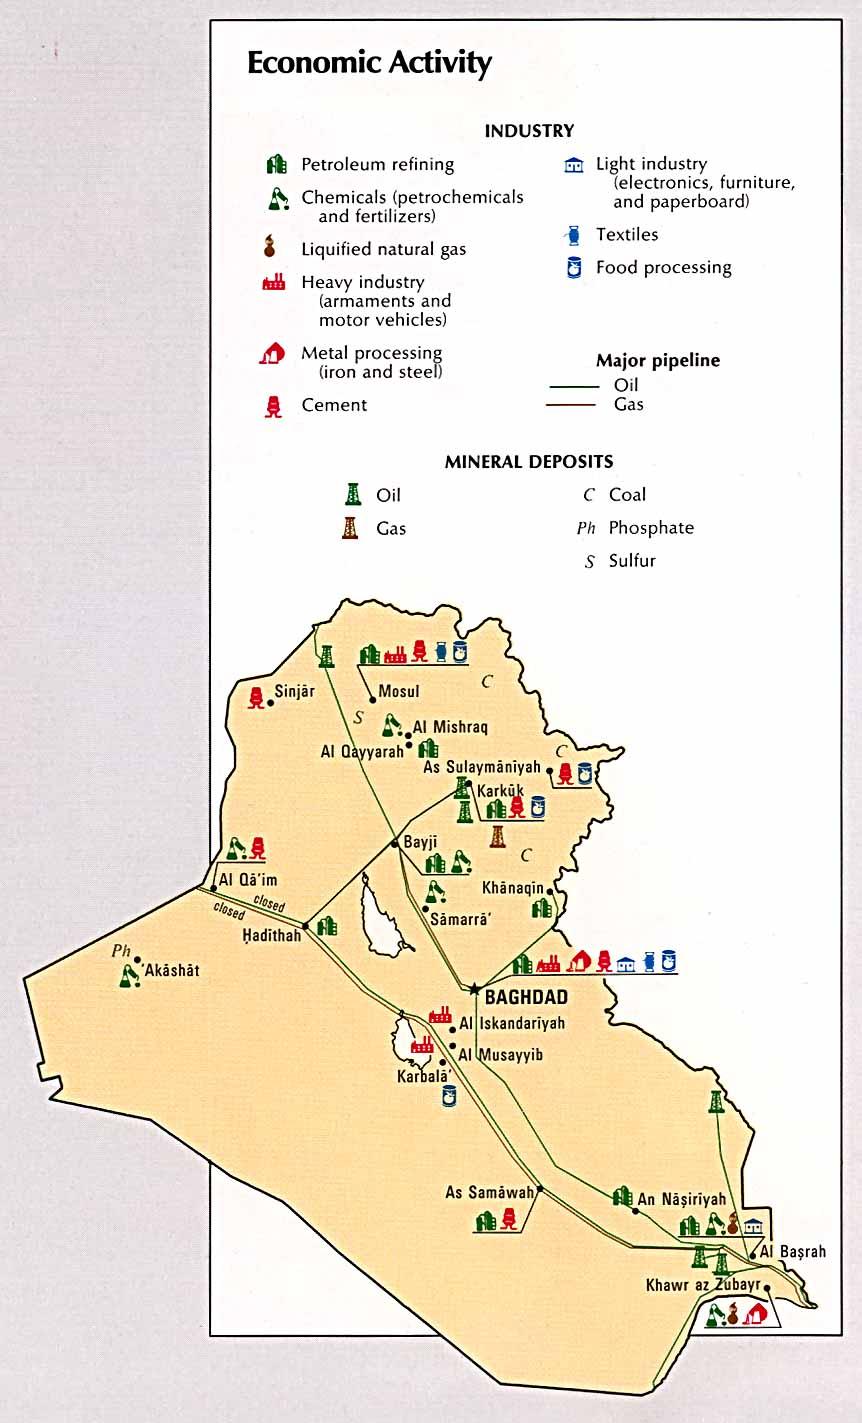 Iraq Economic Activity 1993